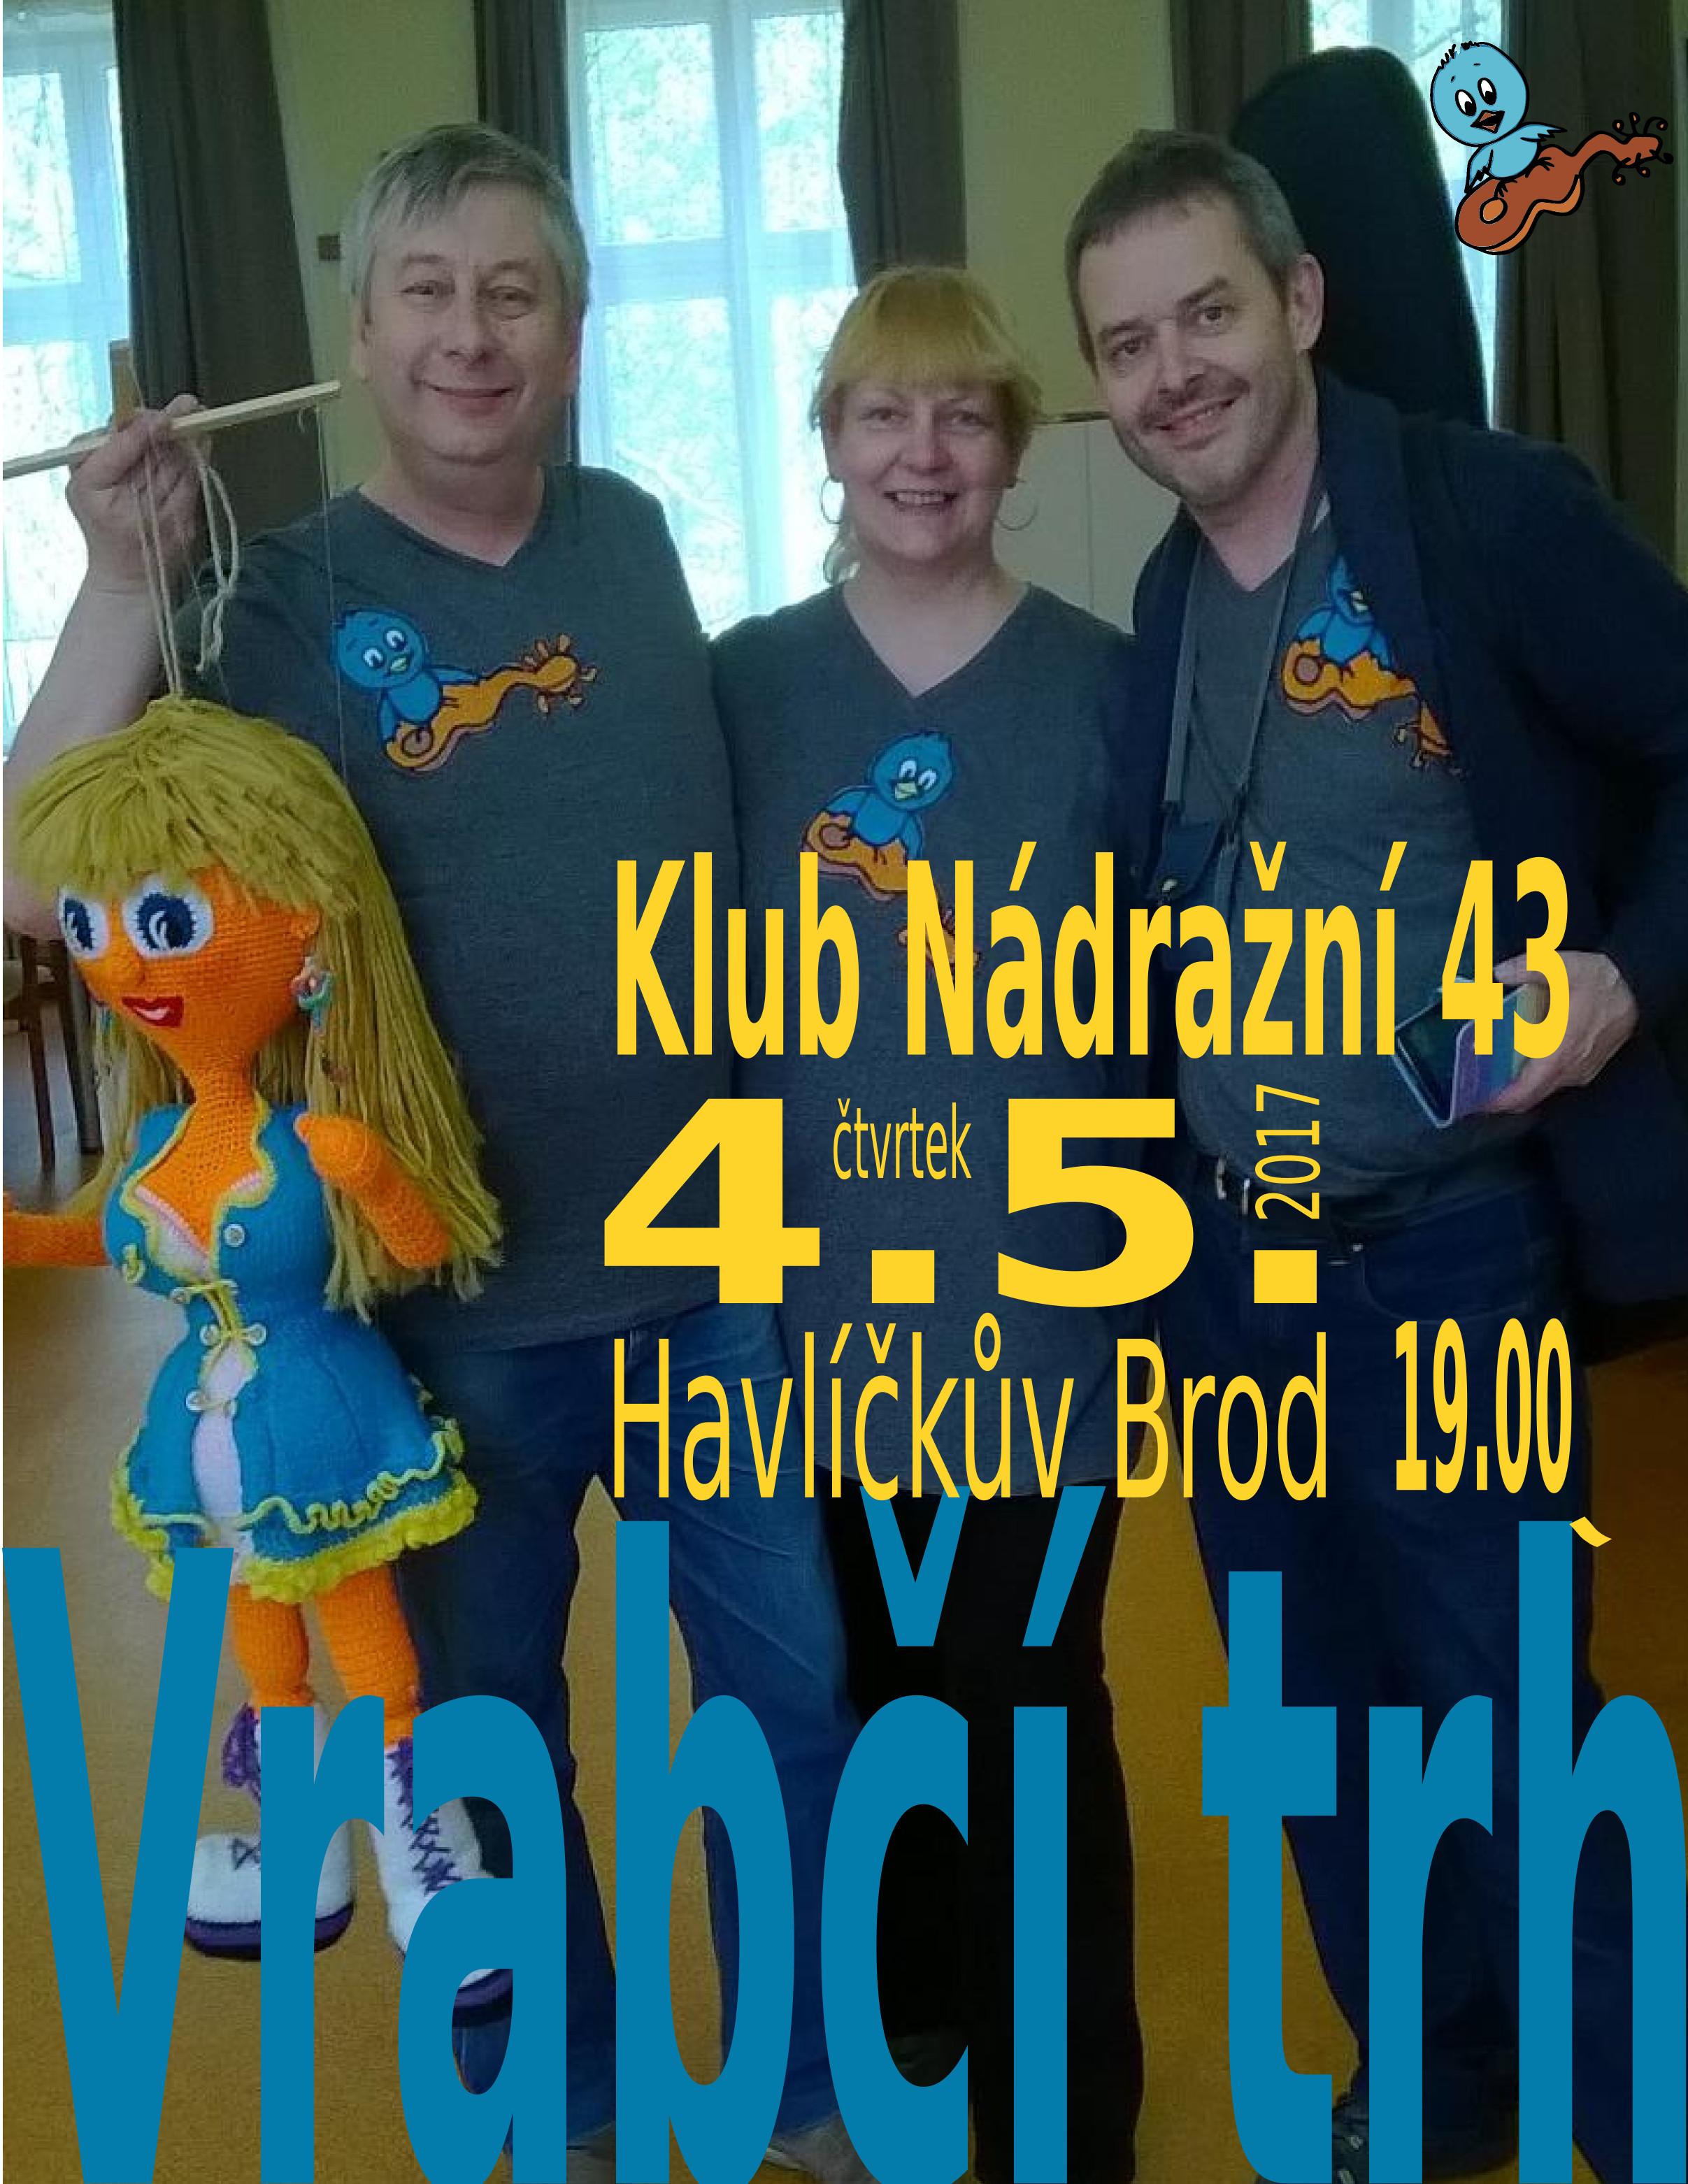 VT plakát 2017 verze fotka